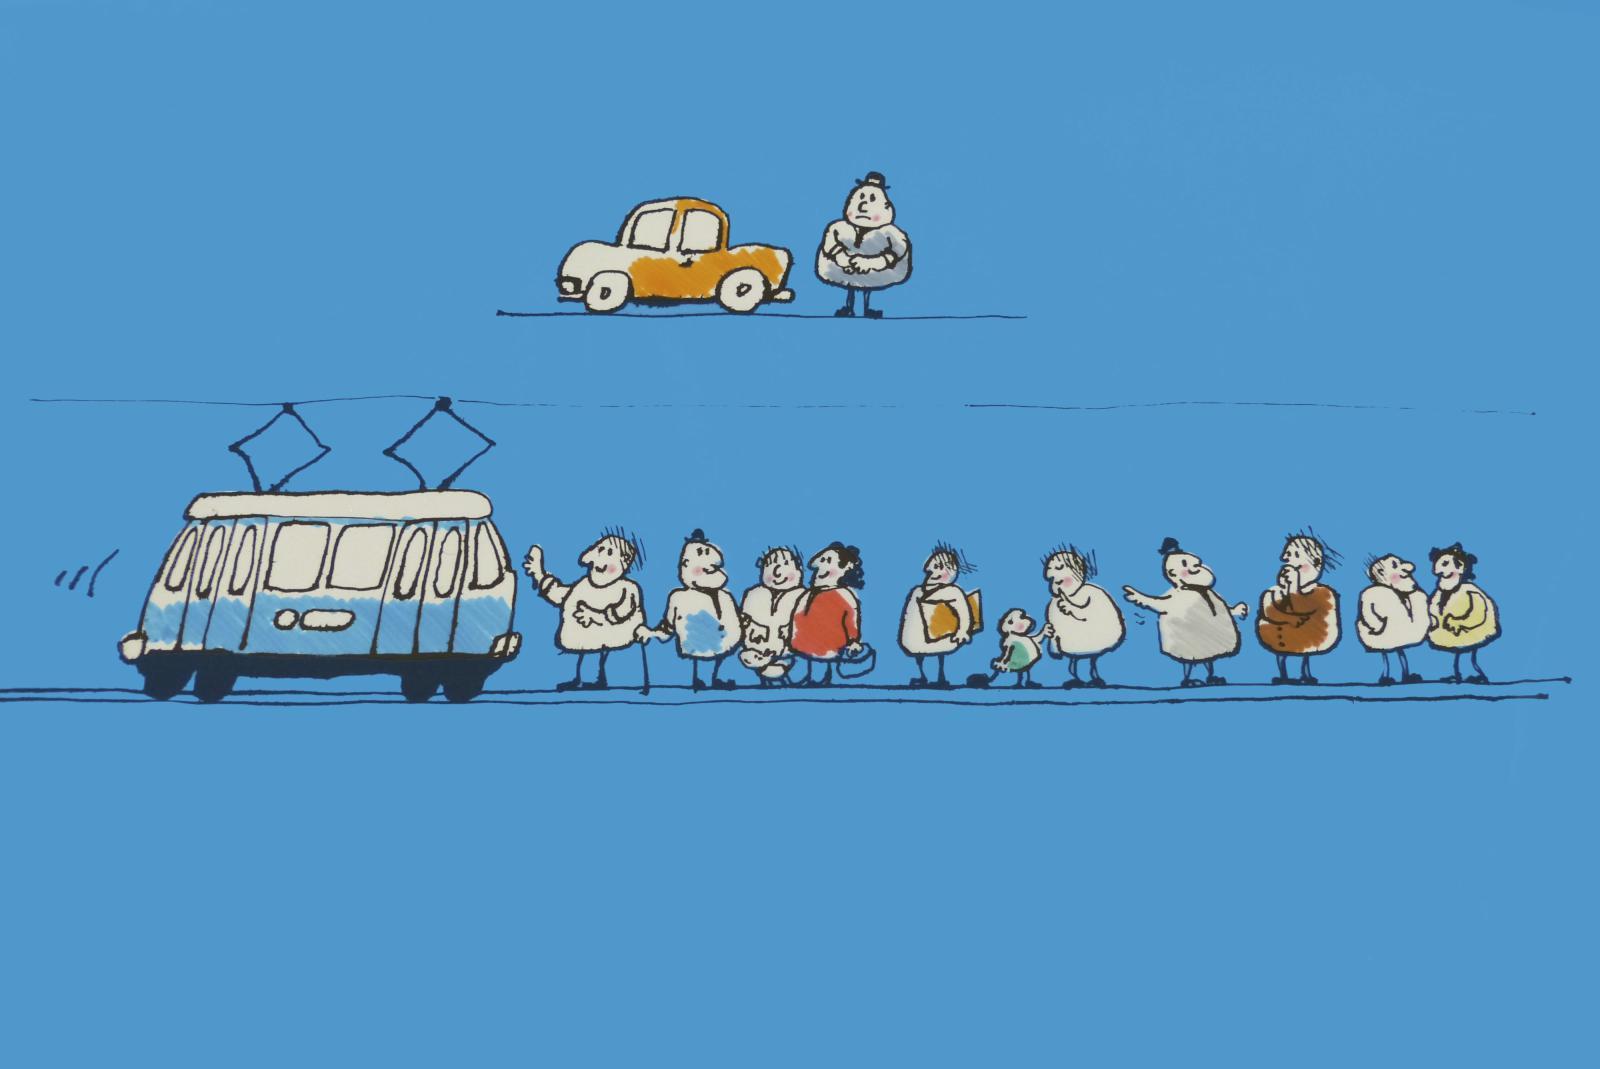 Verkehrsbetriebe Zürich: Diashow über den öffentlichen Verkehr